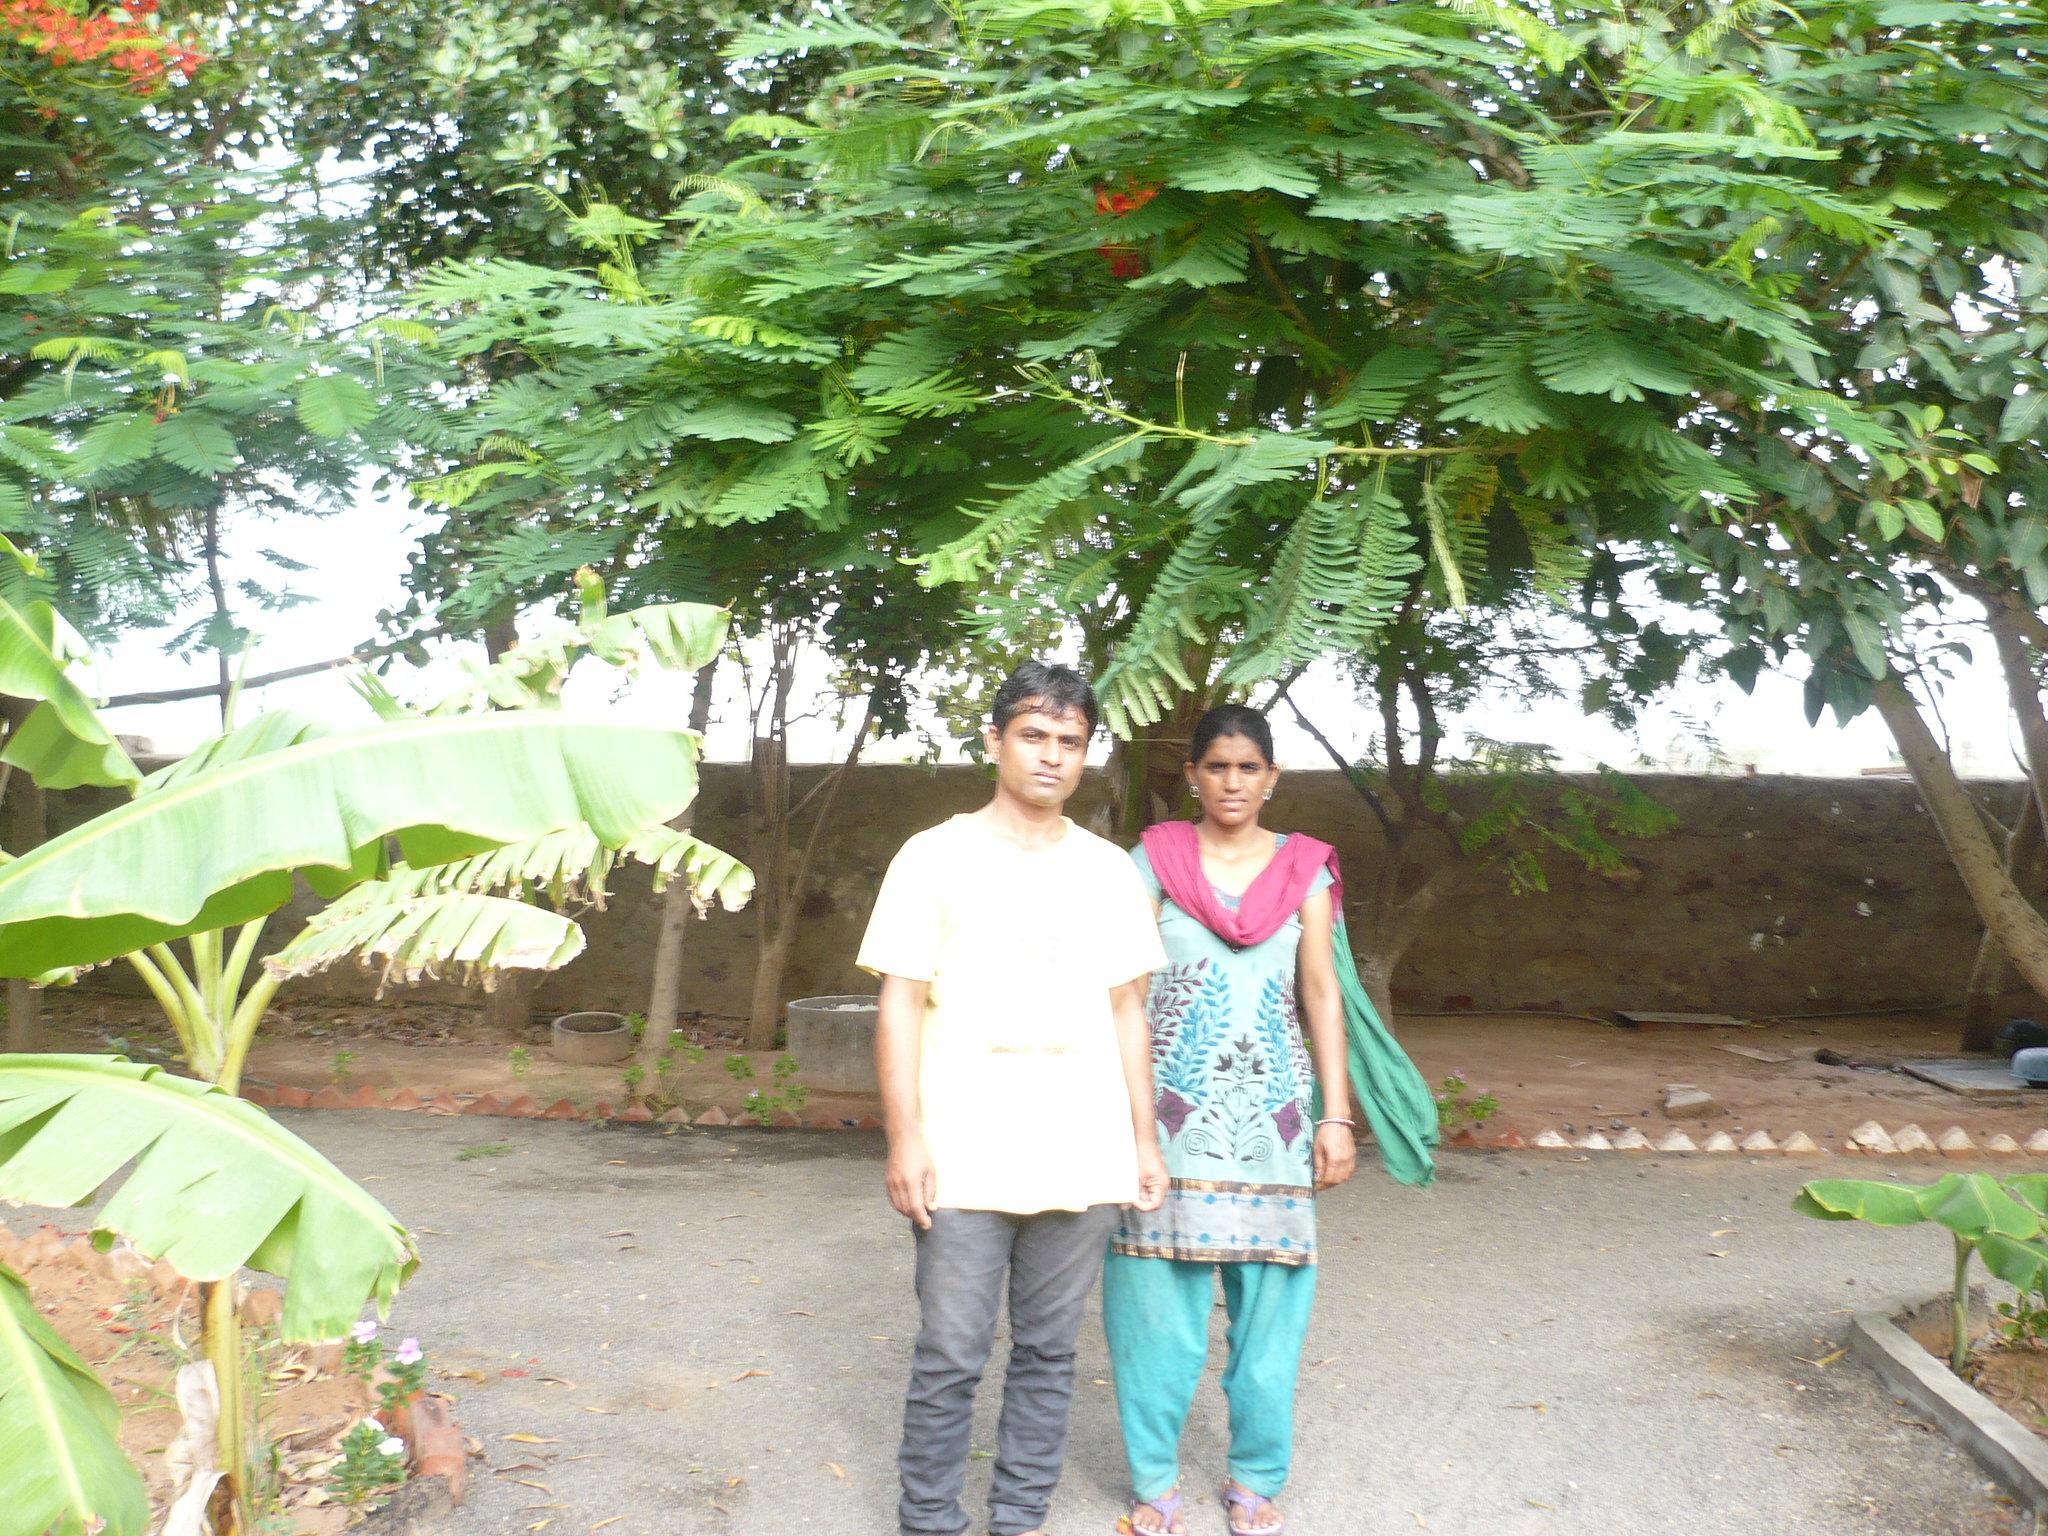 प्रेम भाई अपने पत्नी के साथ